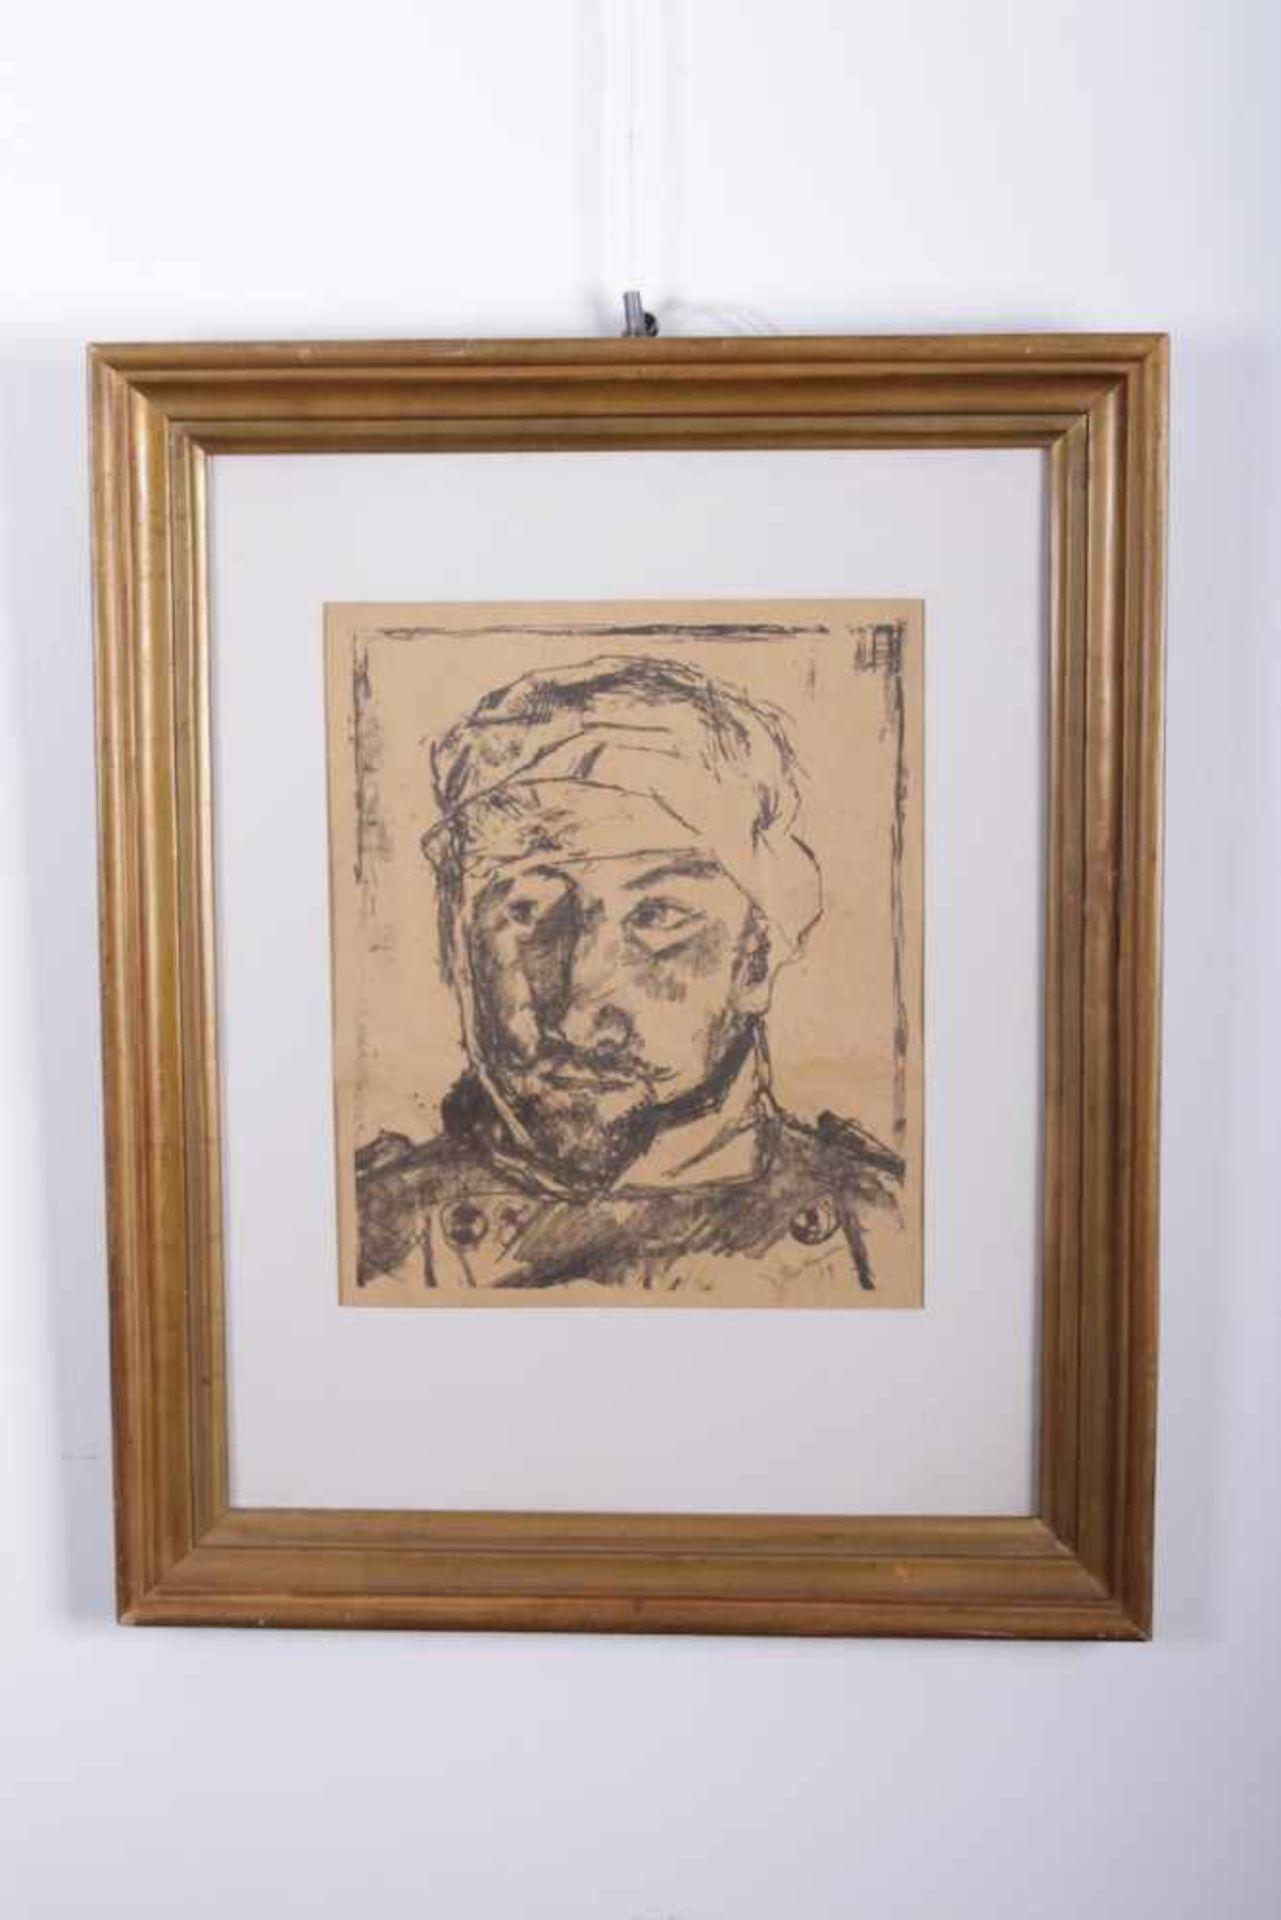 Max Beckmann 1884-1950, Lithographie, Portrait eines verletzten Soldaten, signiert unten rechts,